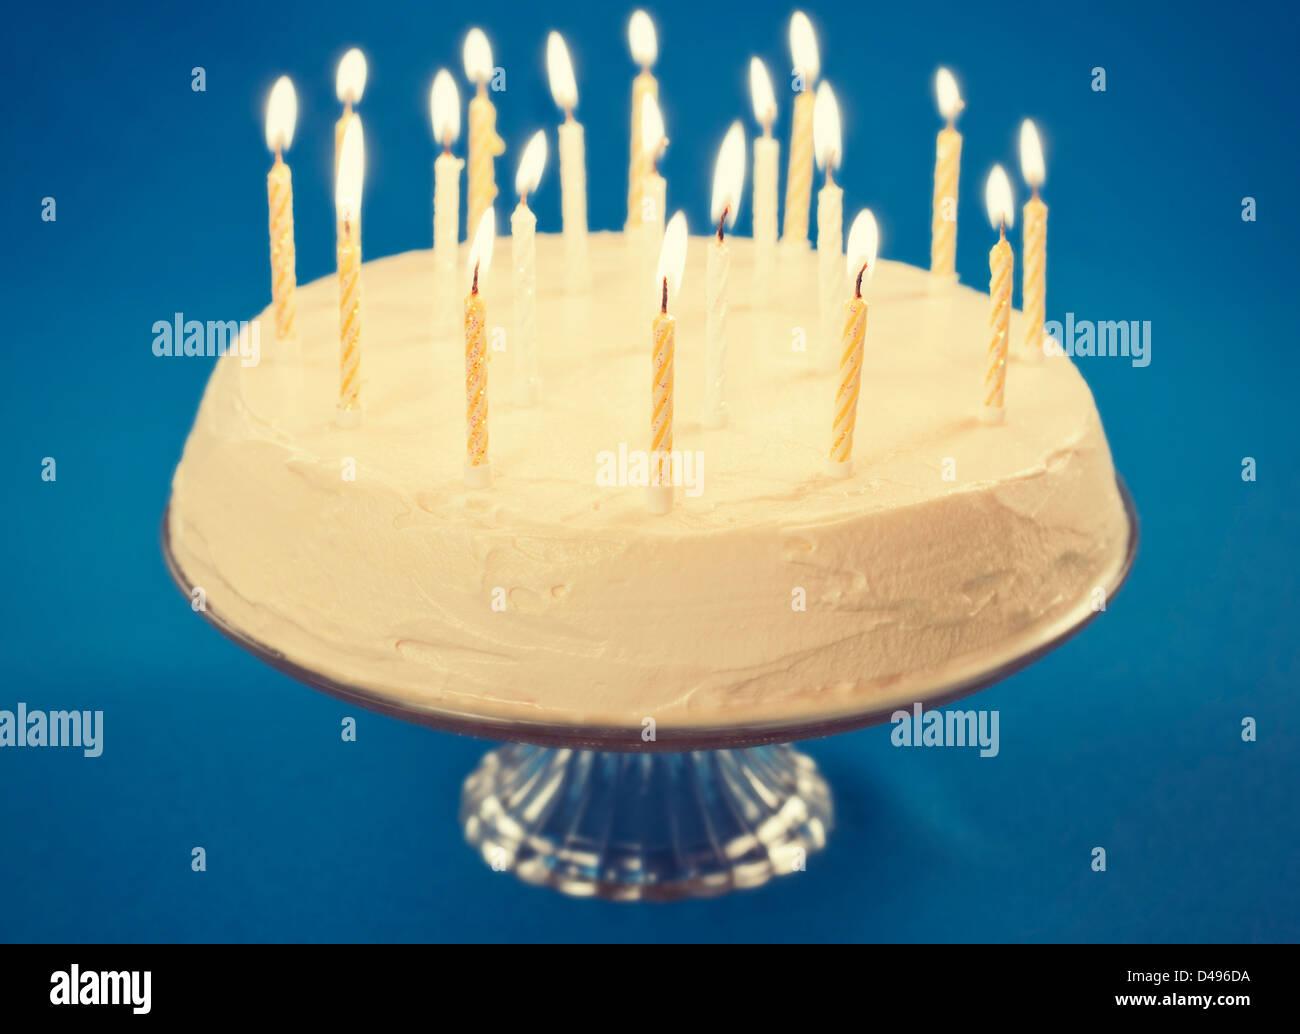 Geburtstagstorte Mit Kerzen Auf Blauem Hintergrund Stockbild